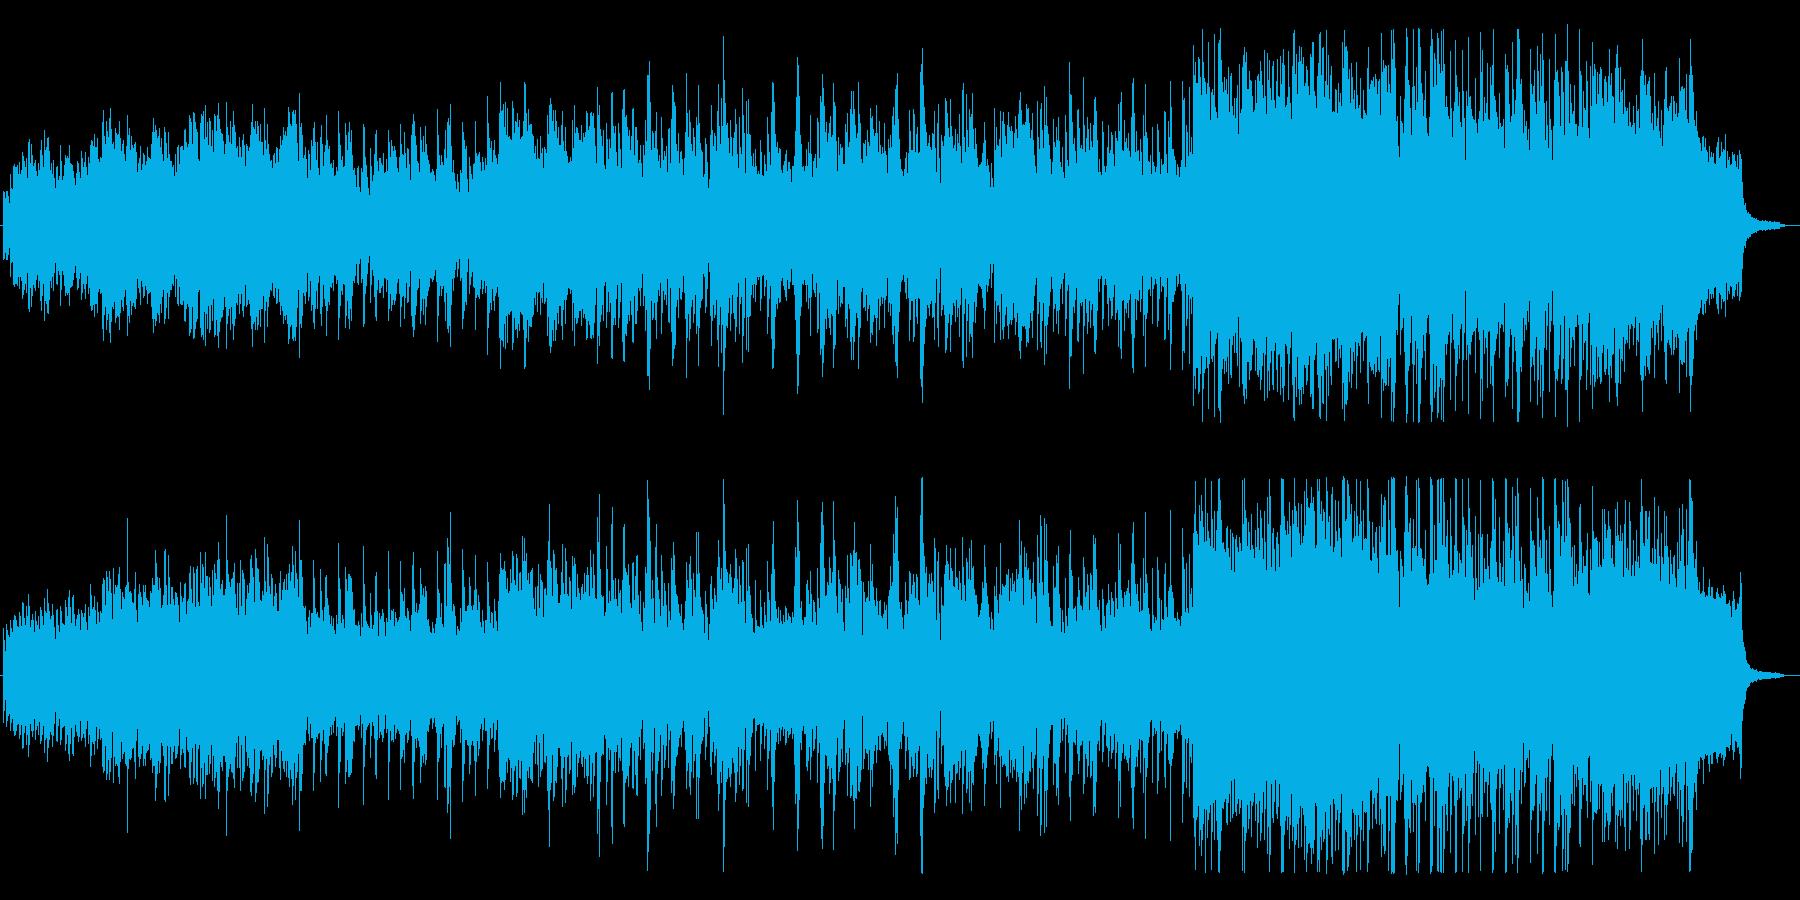 ピアノ変拍子音楽。前向きで爽やかな7拍子の再生済みの波形